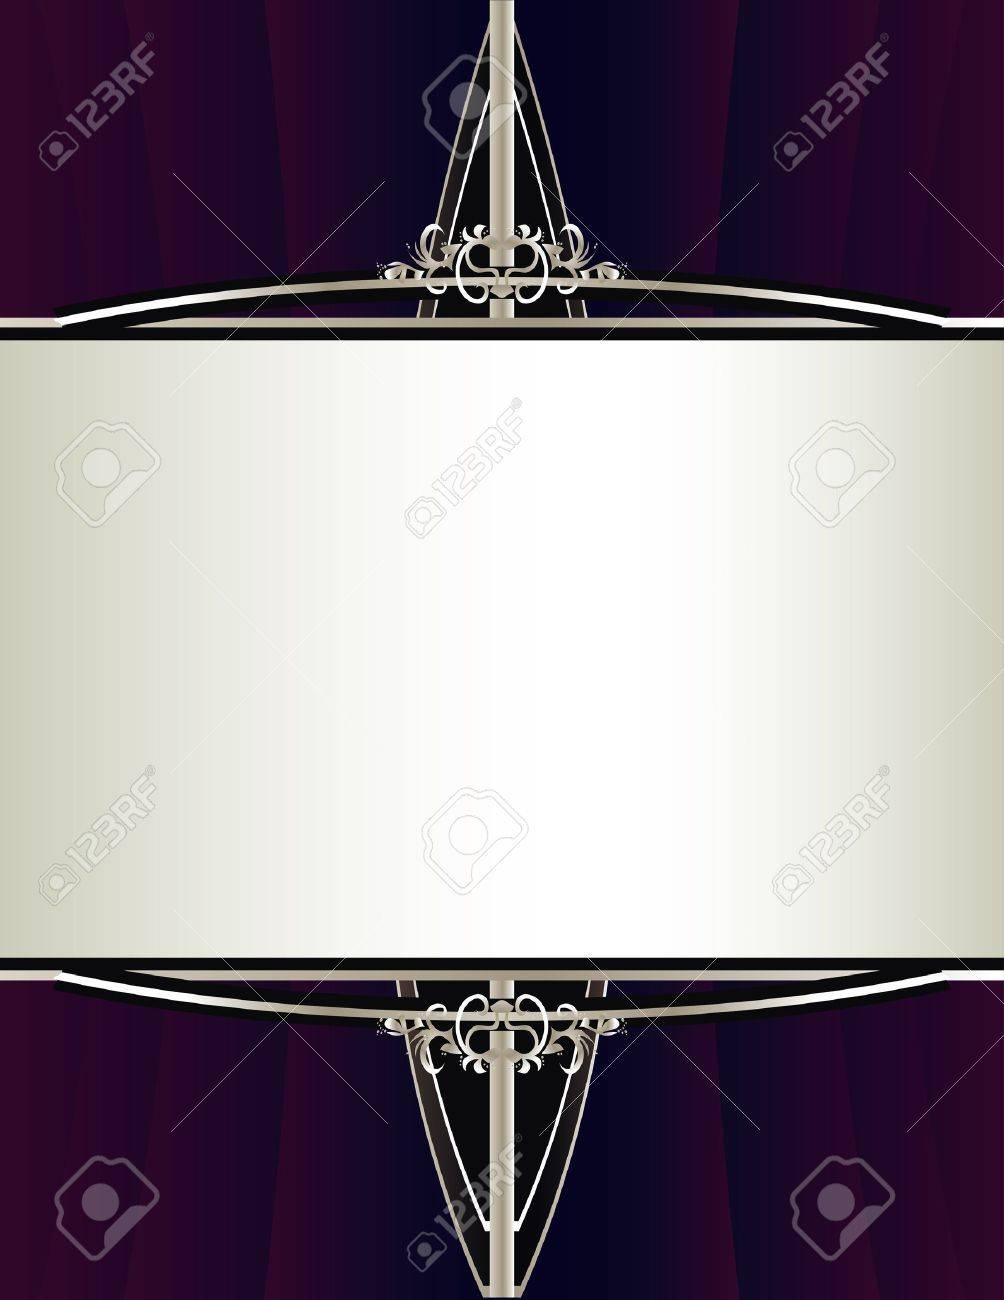 Un Fondo De Color Púrpura Reunido Con Un Diseño Elegante Encuadre De ...